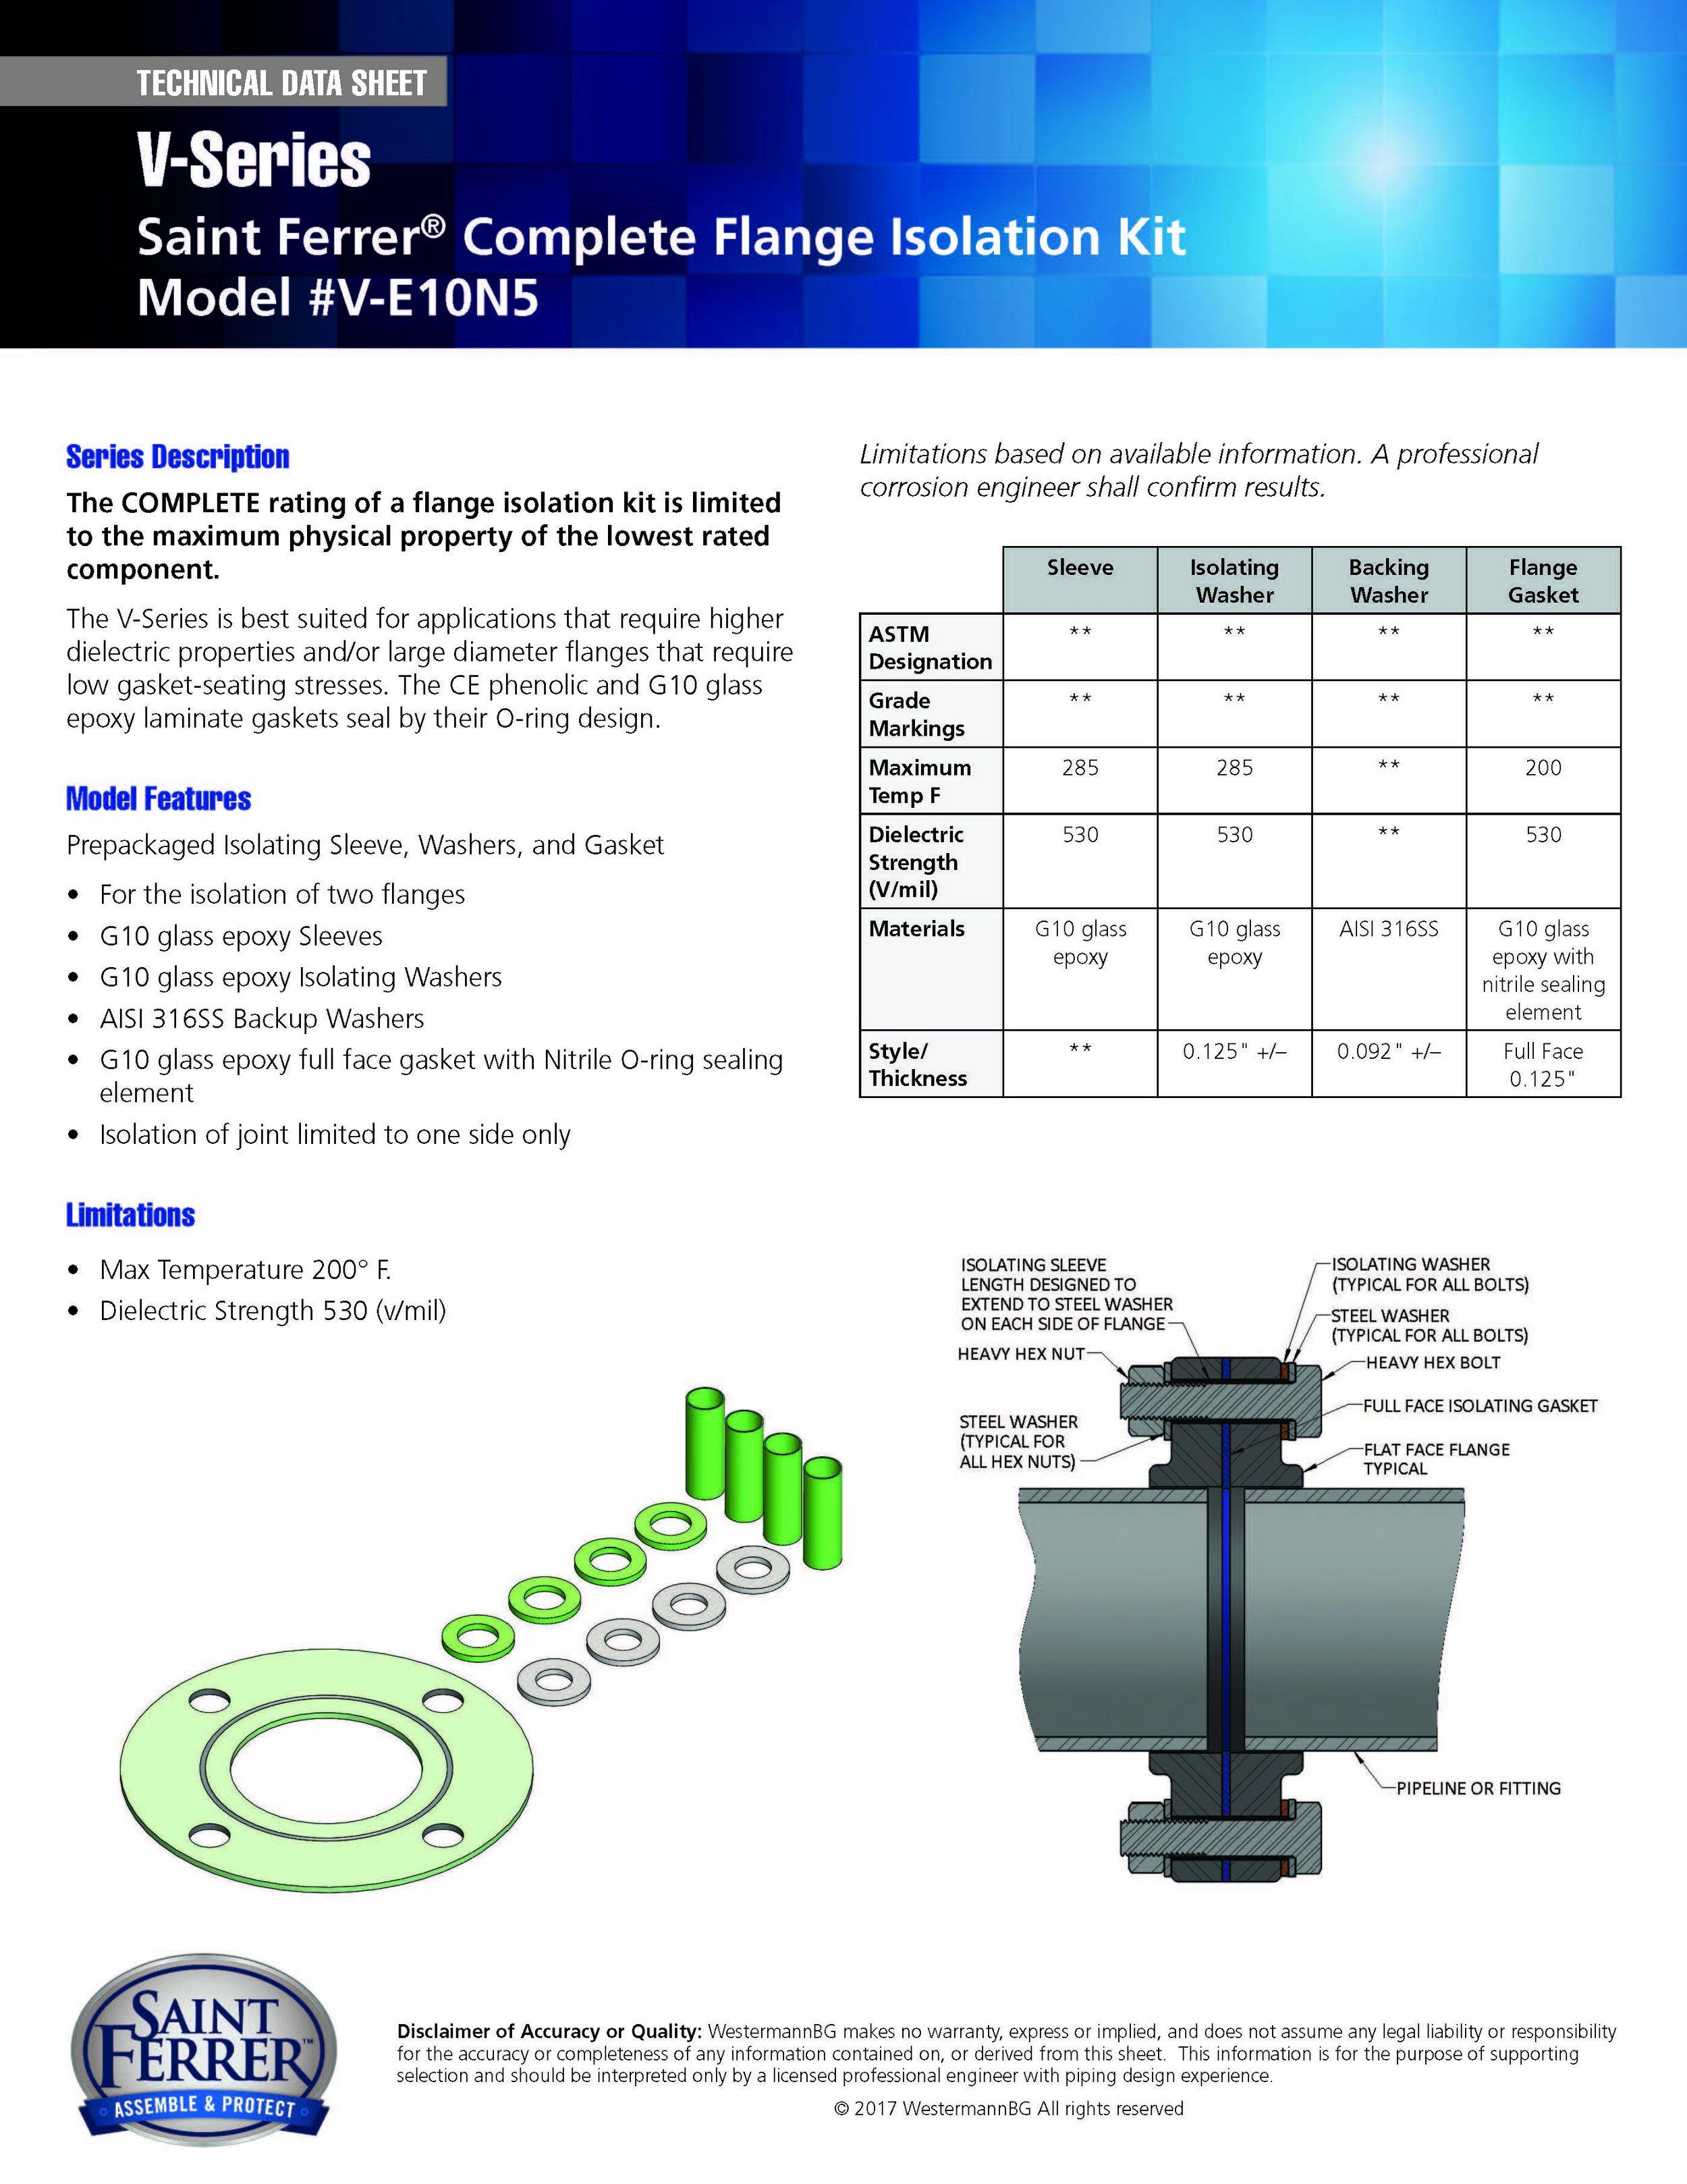 SF_Data_Sheet_V_Series_V-E10N5.jpg